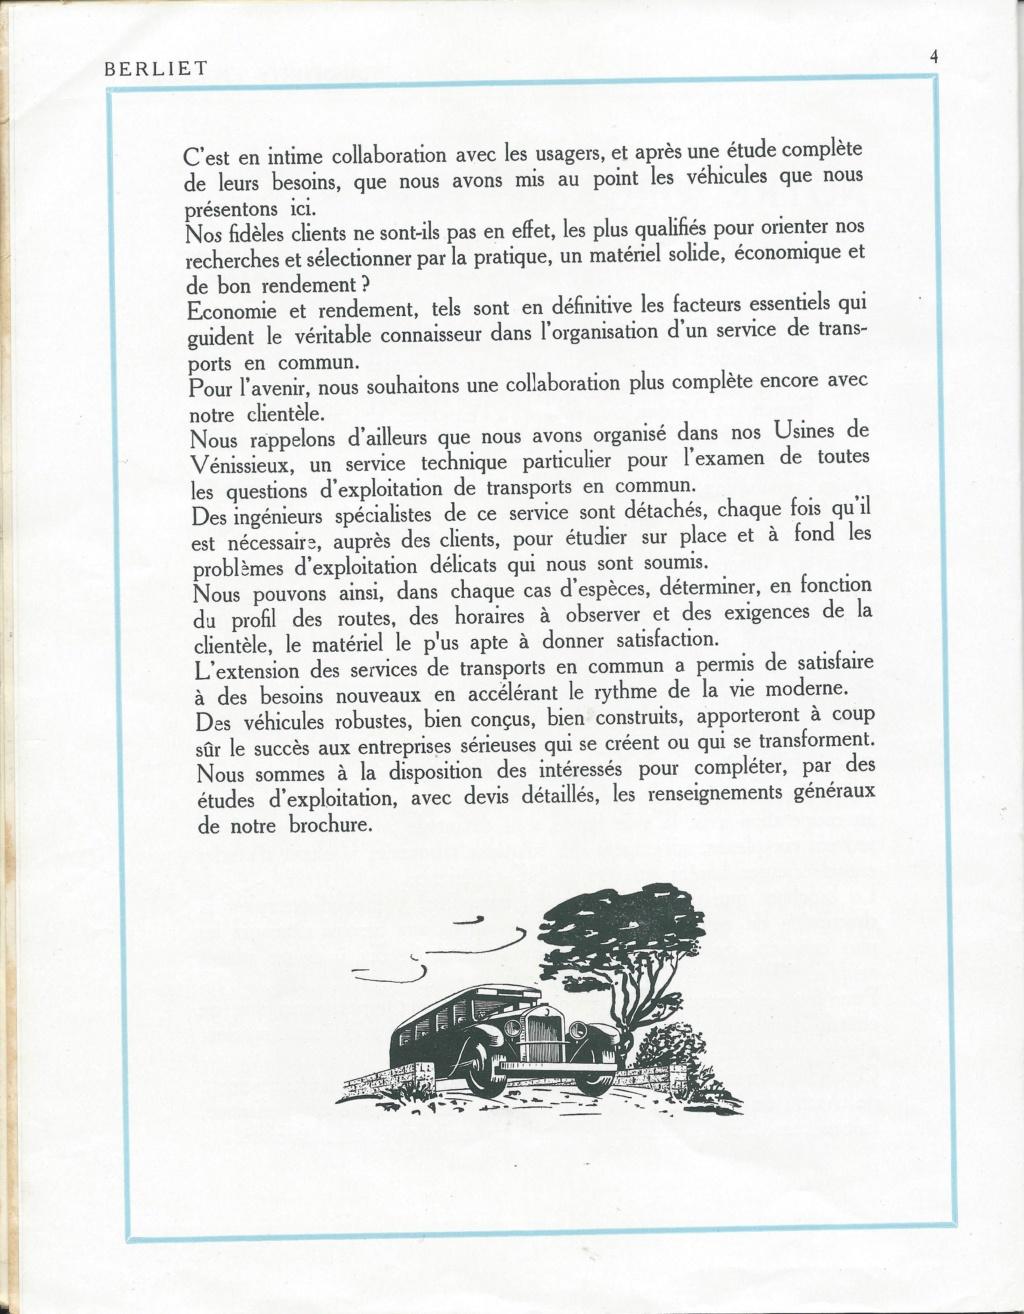 Pub , catalogues et livres sur BERLIET - Page 3 Berlie49